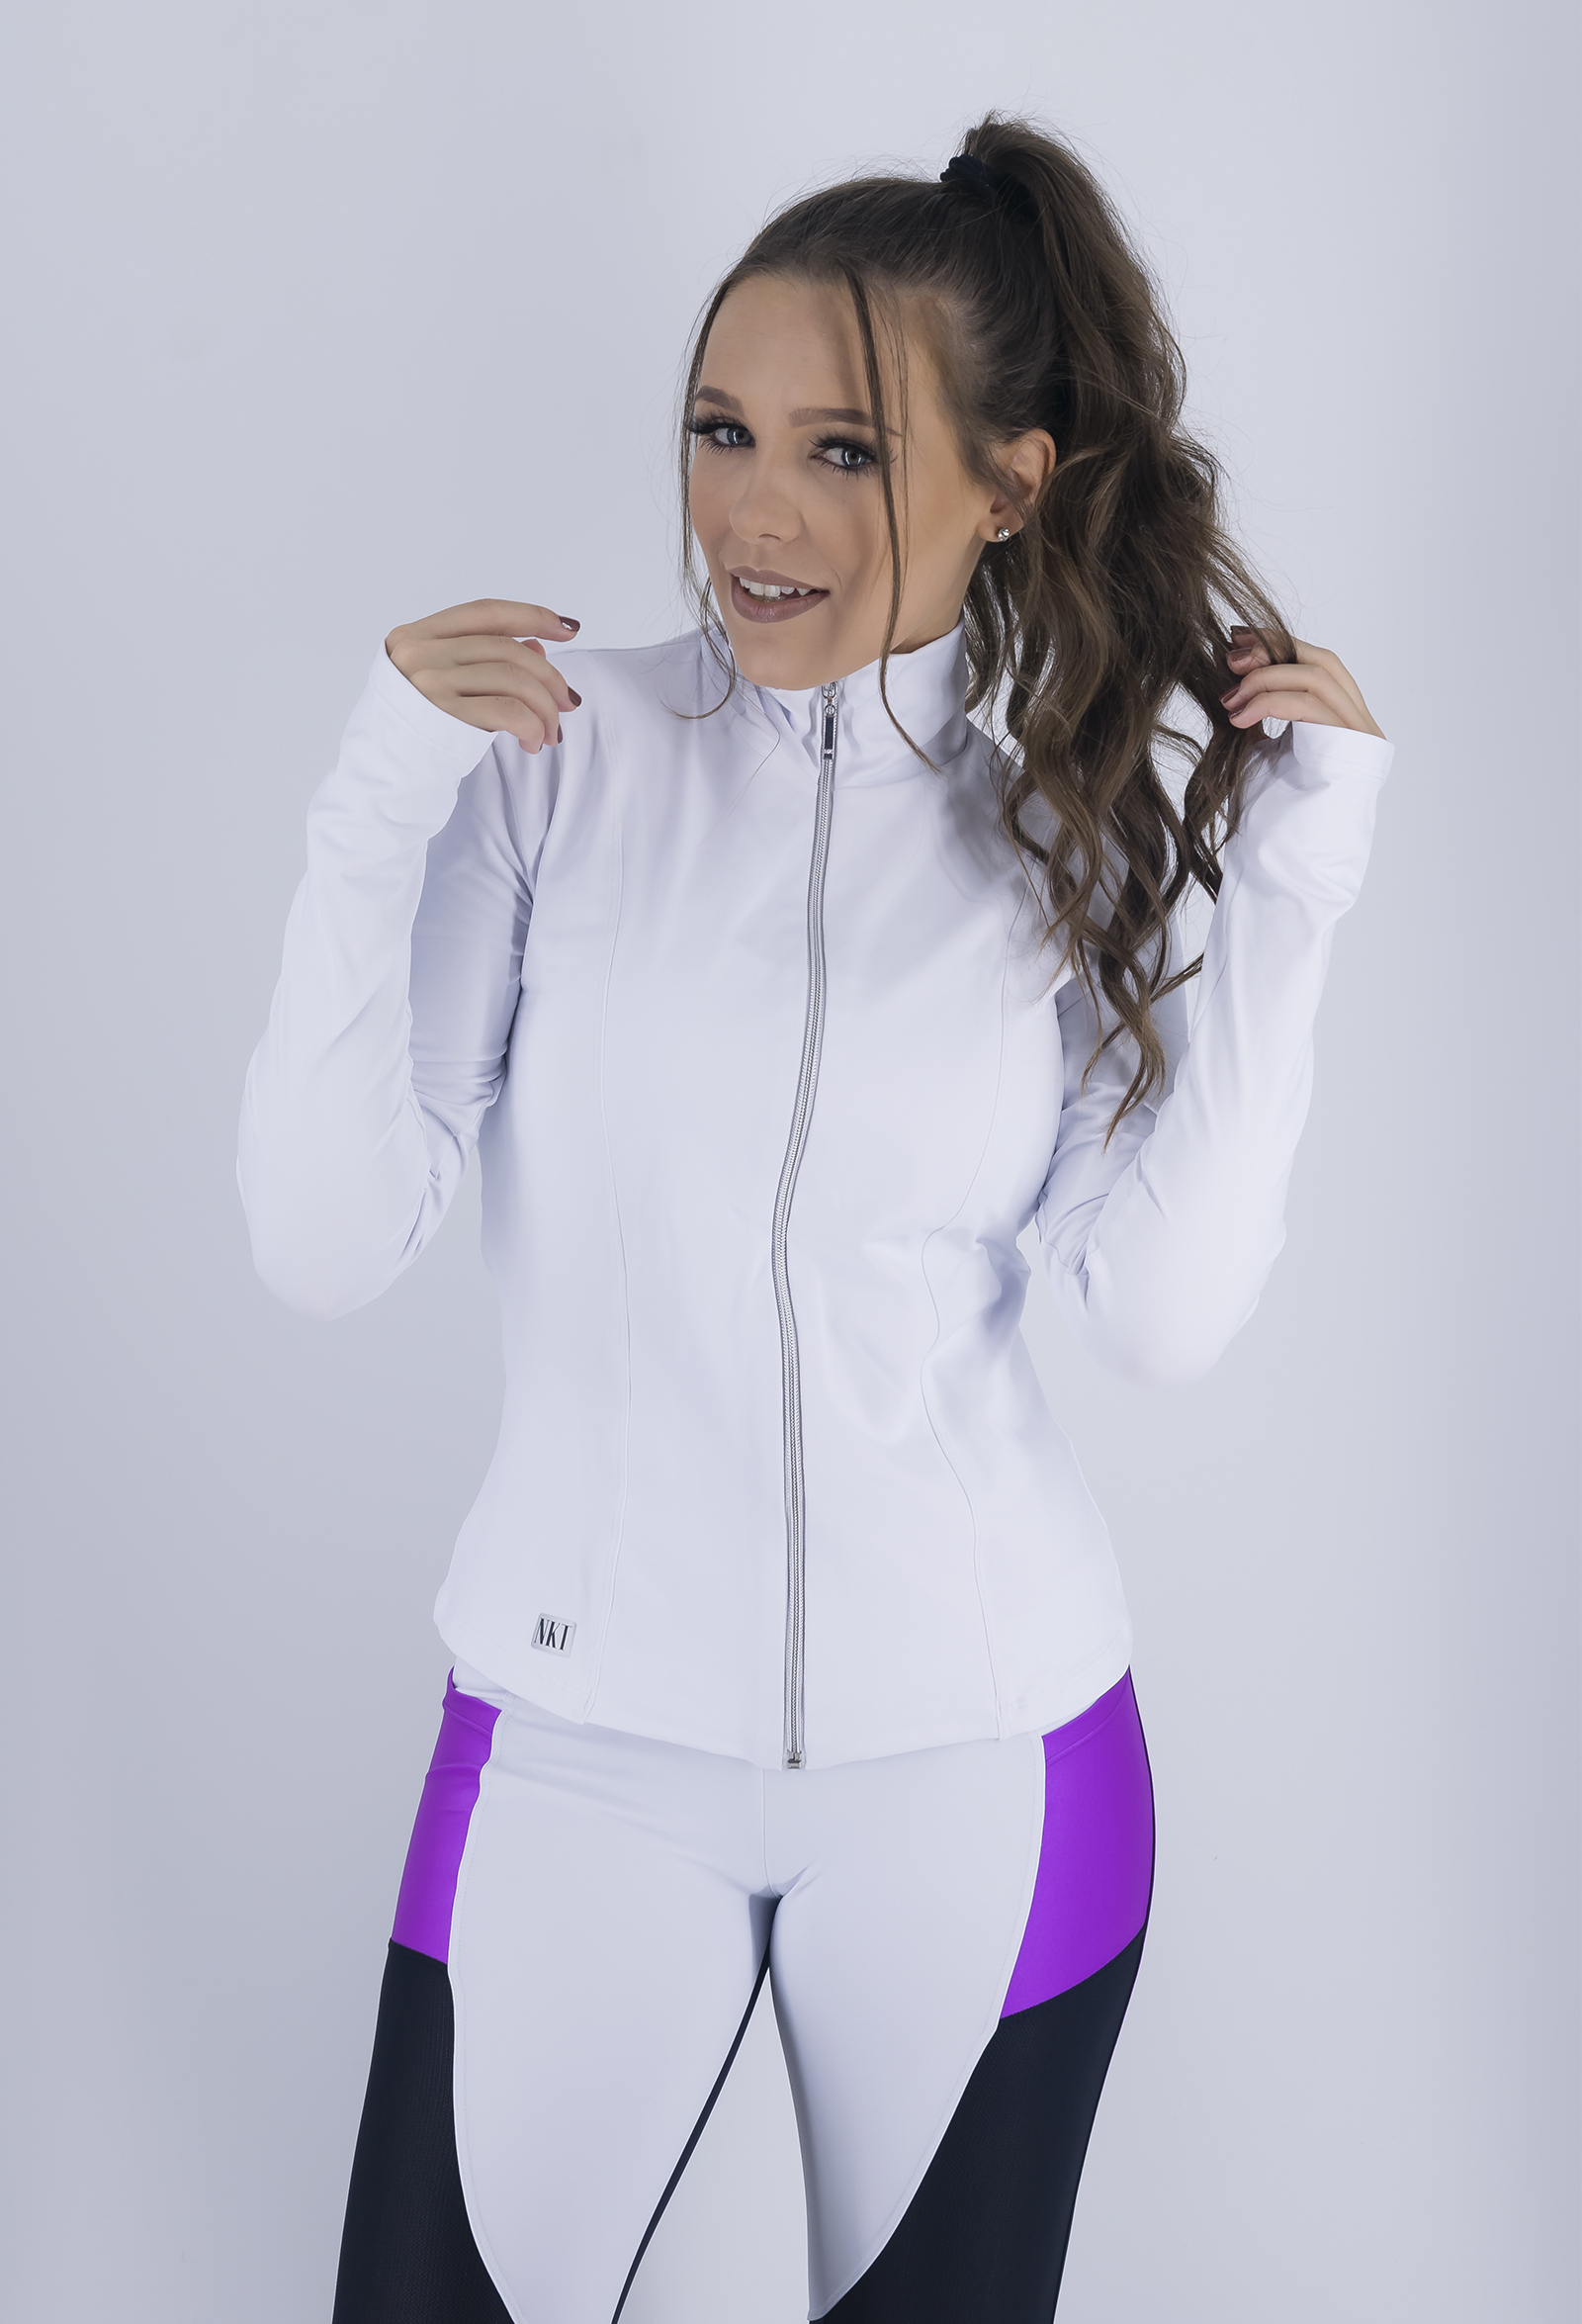 Casaco Conect Branco, Coleção Just For You - NKT Fitwear Moda Fitness